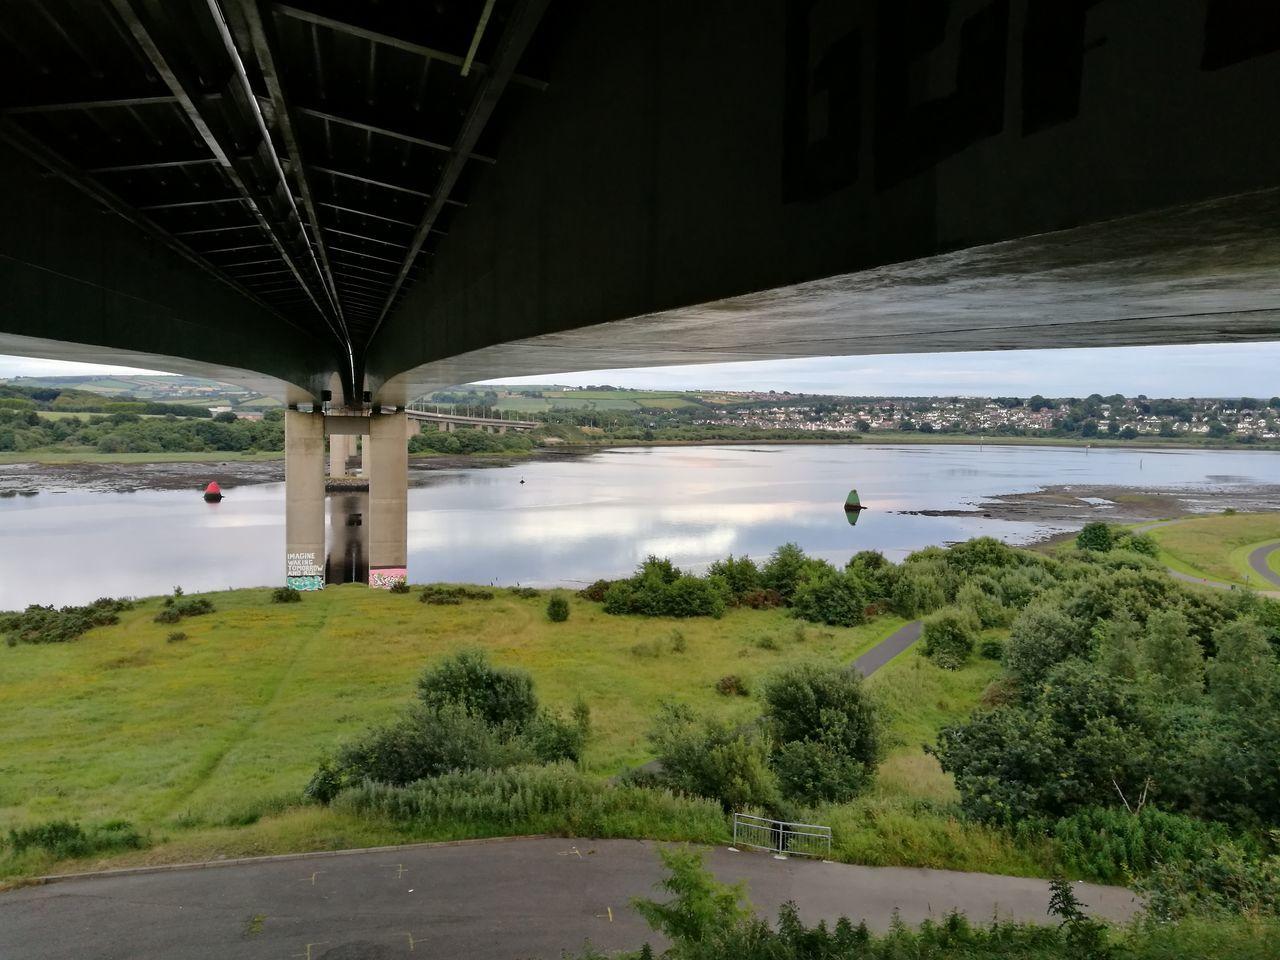 Foyle Bridge Derry Derrylondonderry Hidden Gems